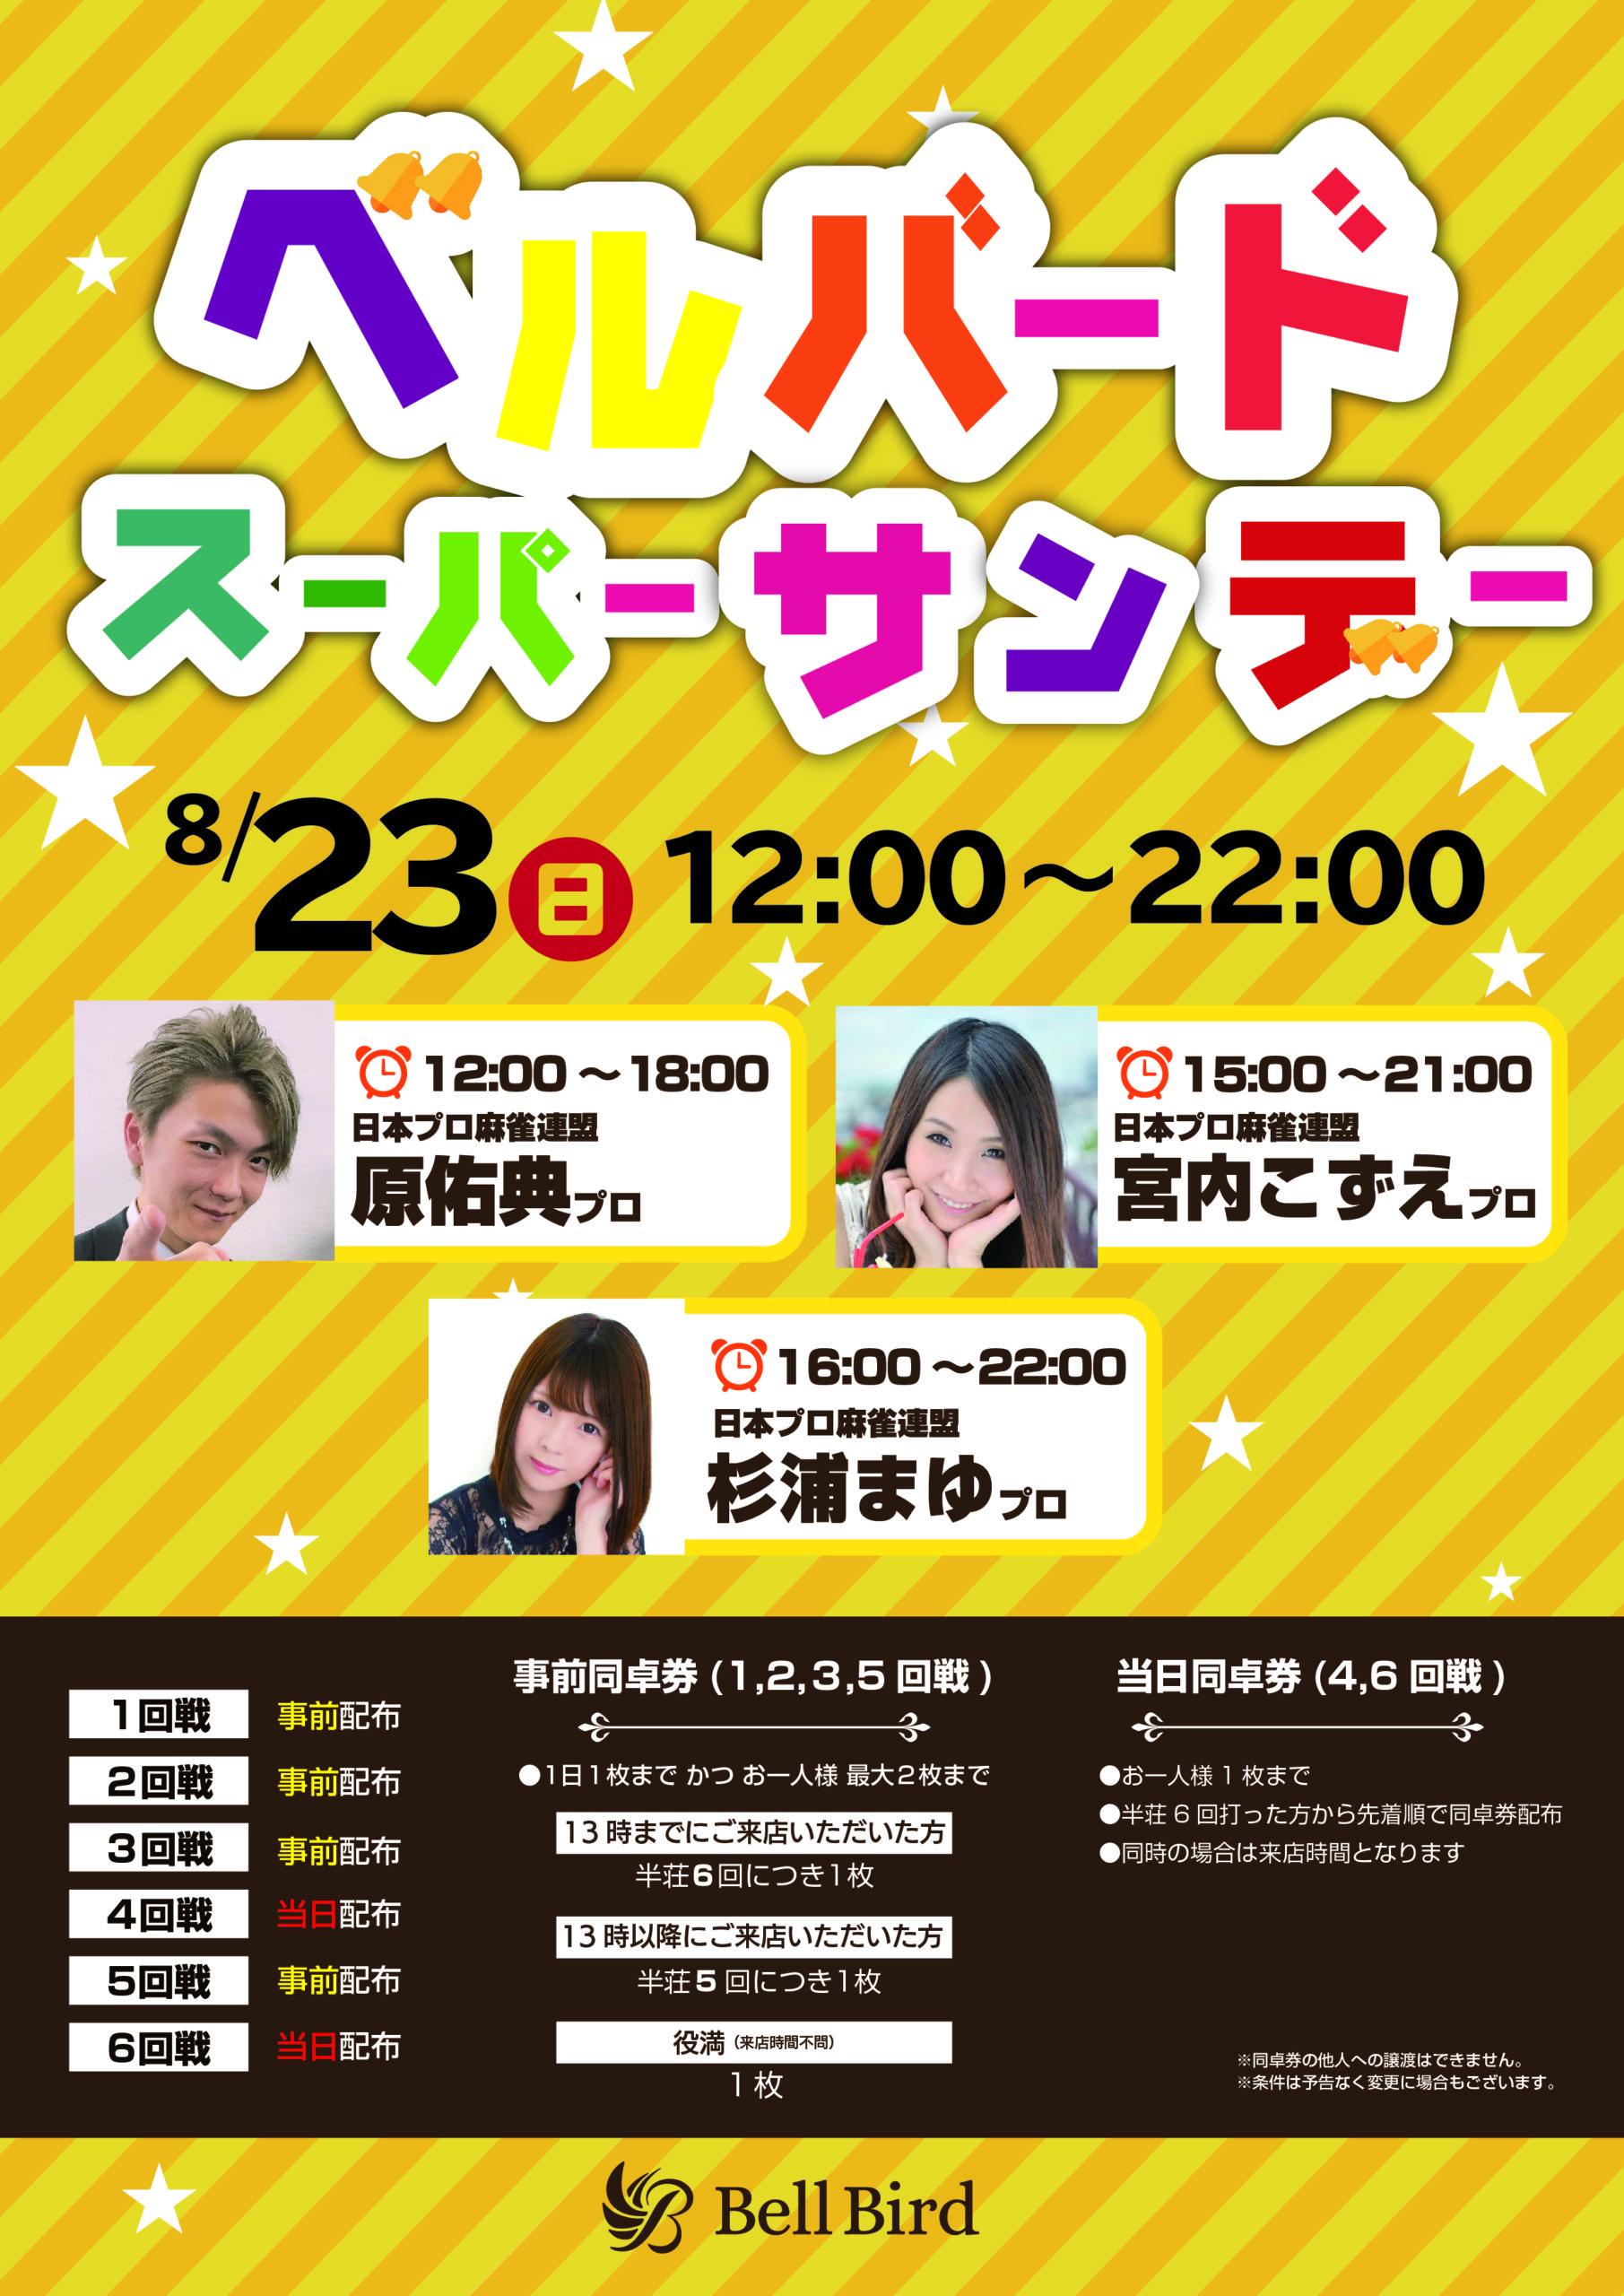 【スーパーサンデー】8月23日